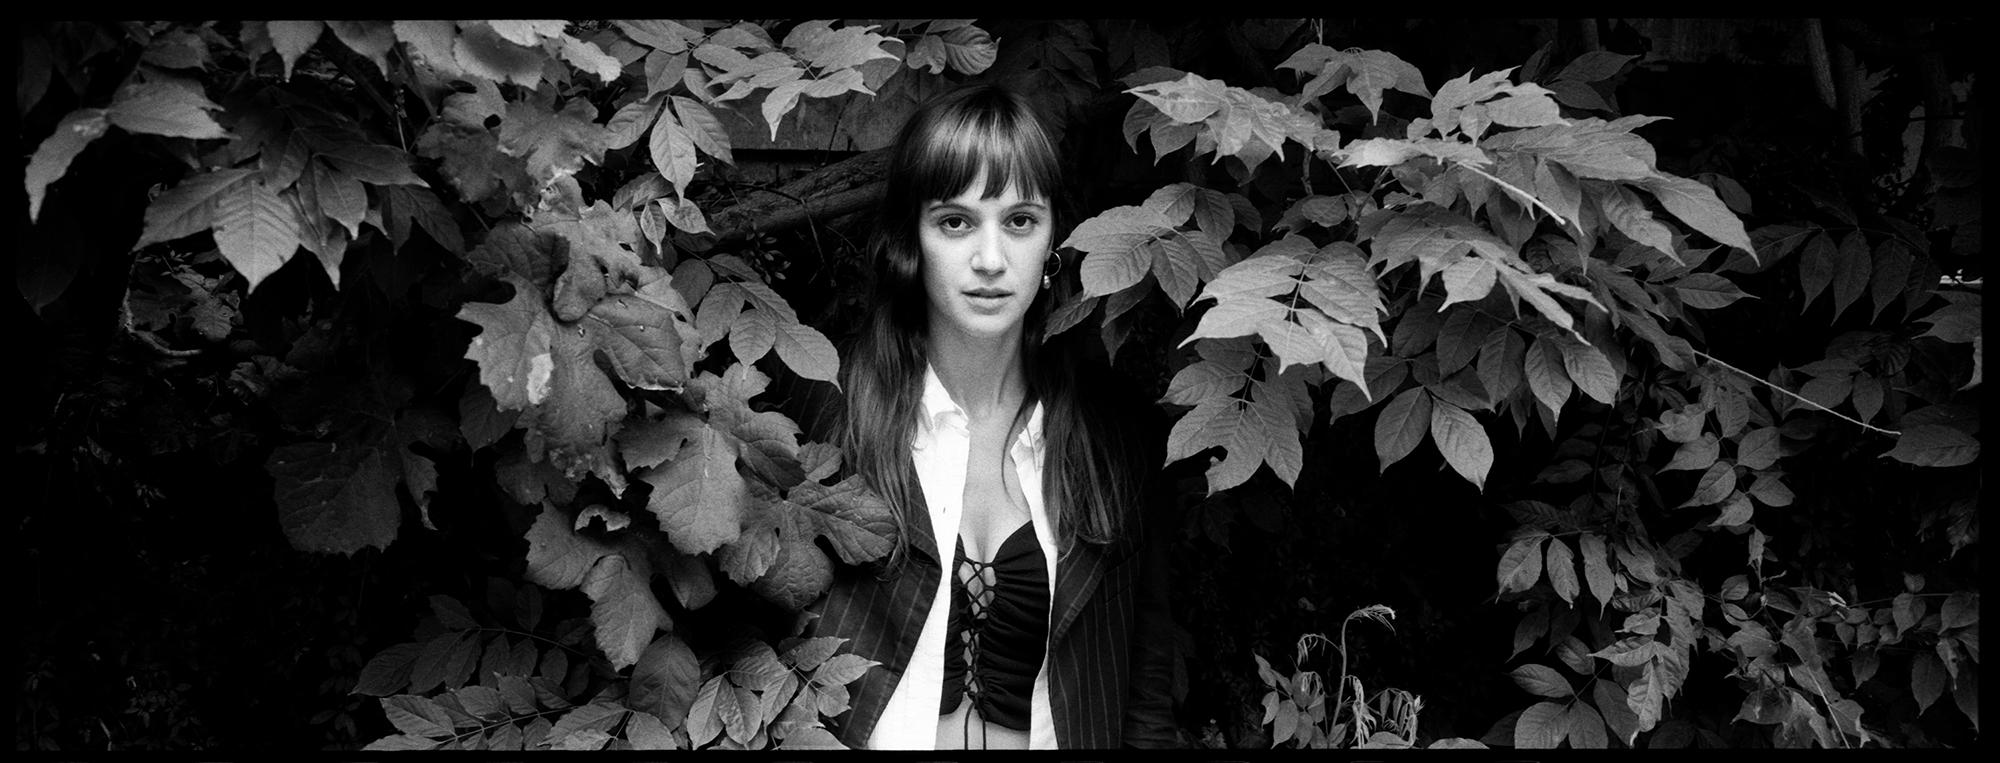 Zoë-Louise Estève - ZUUI by Laurent Orseau #3